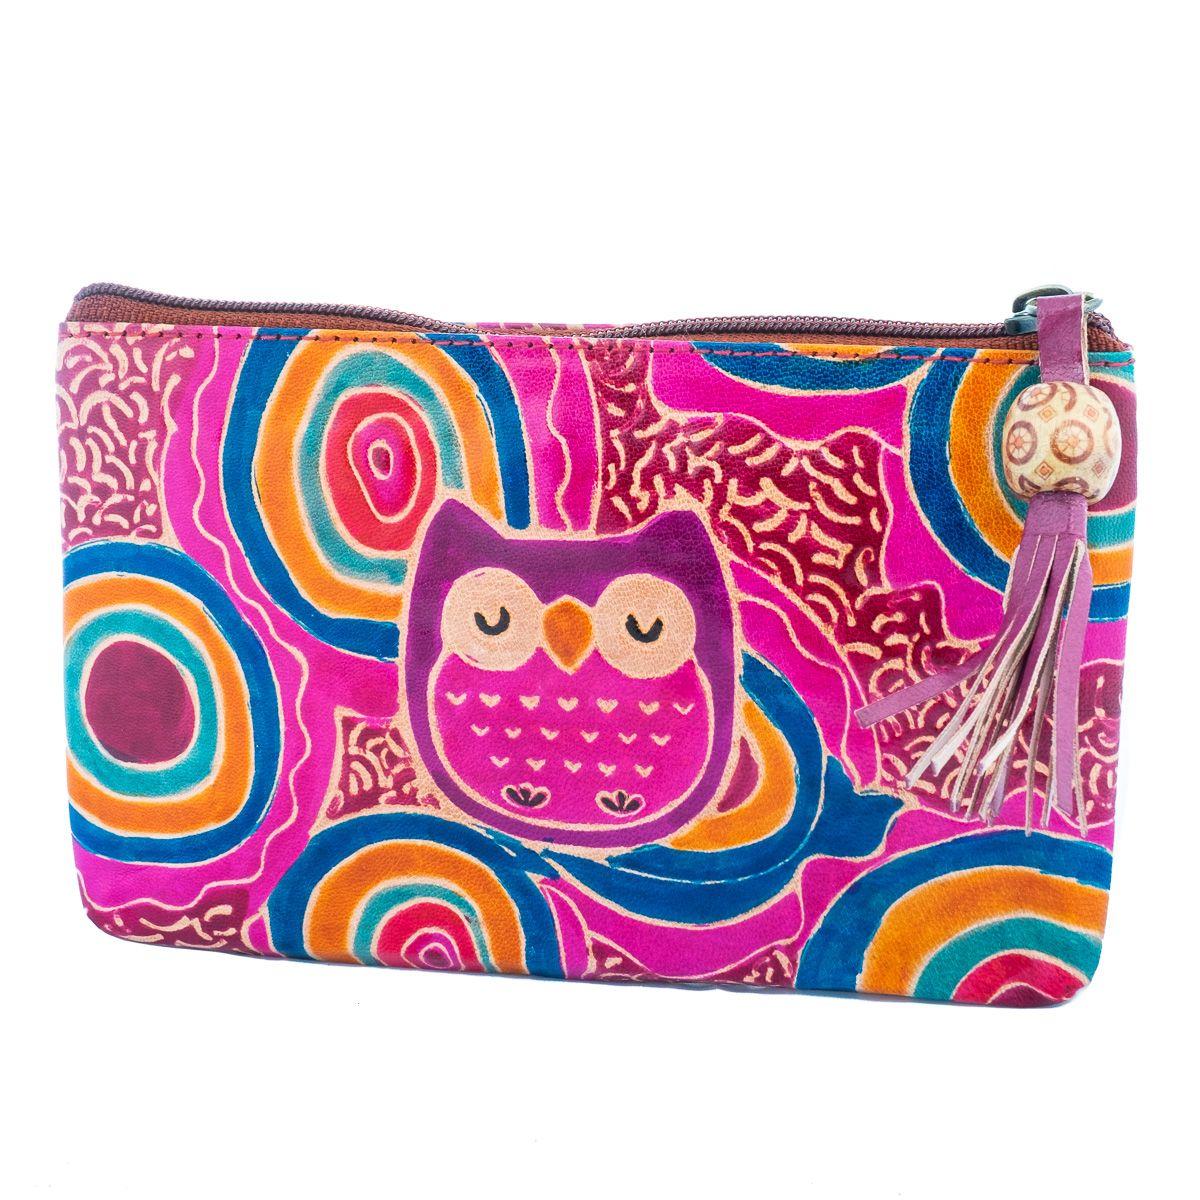 Leather wallet Owl - purple